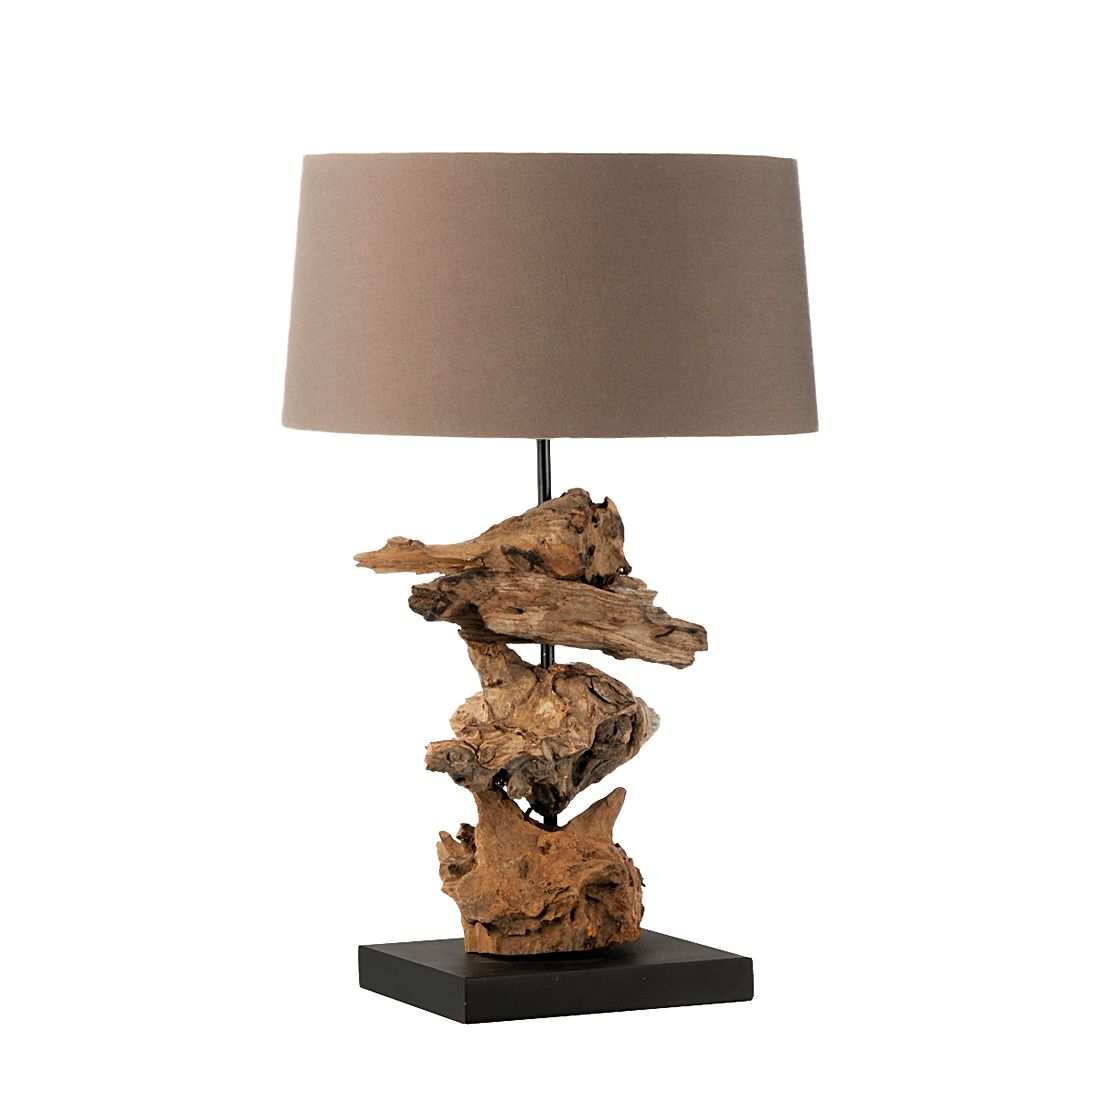 Tischleuchte Abuja im Naturholz-Look - Brauner Lampenschirm, Paul Neuhaus